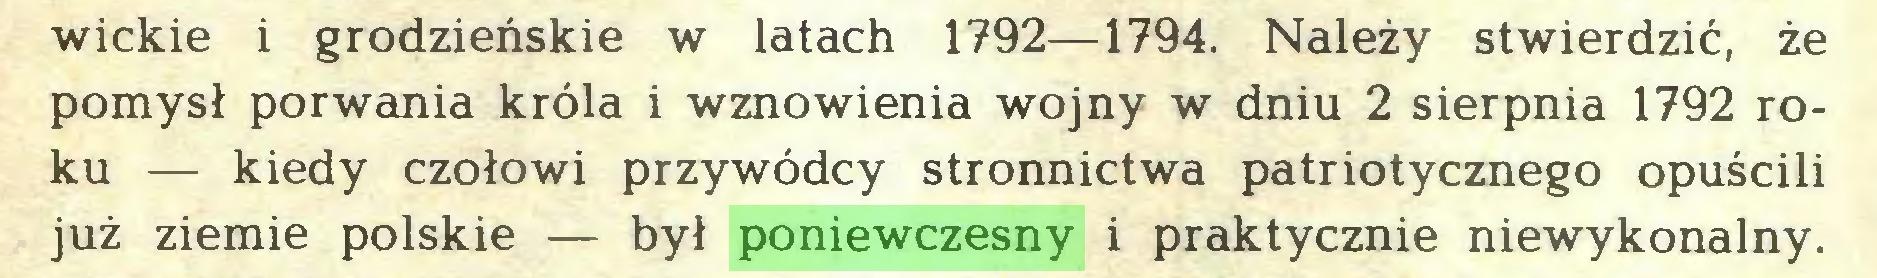 (...) wickie i grodzieńskie w latach 1792—1794. Należy stwierdzić, że pomysł porwania króla i wznowienia wojny w dniu 2 sierpnia 1792 roku — kiedy czołowi przywódcy stronnictwa patriotycznego opuścili już ziemie polskie — był poniewczesny i praktycznie niewykonalny...